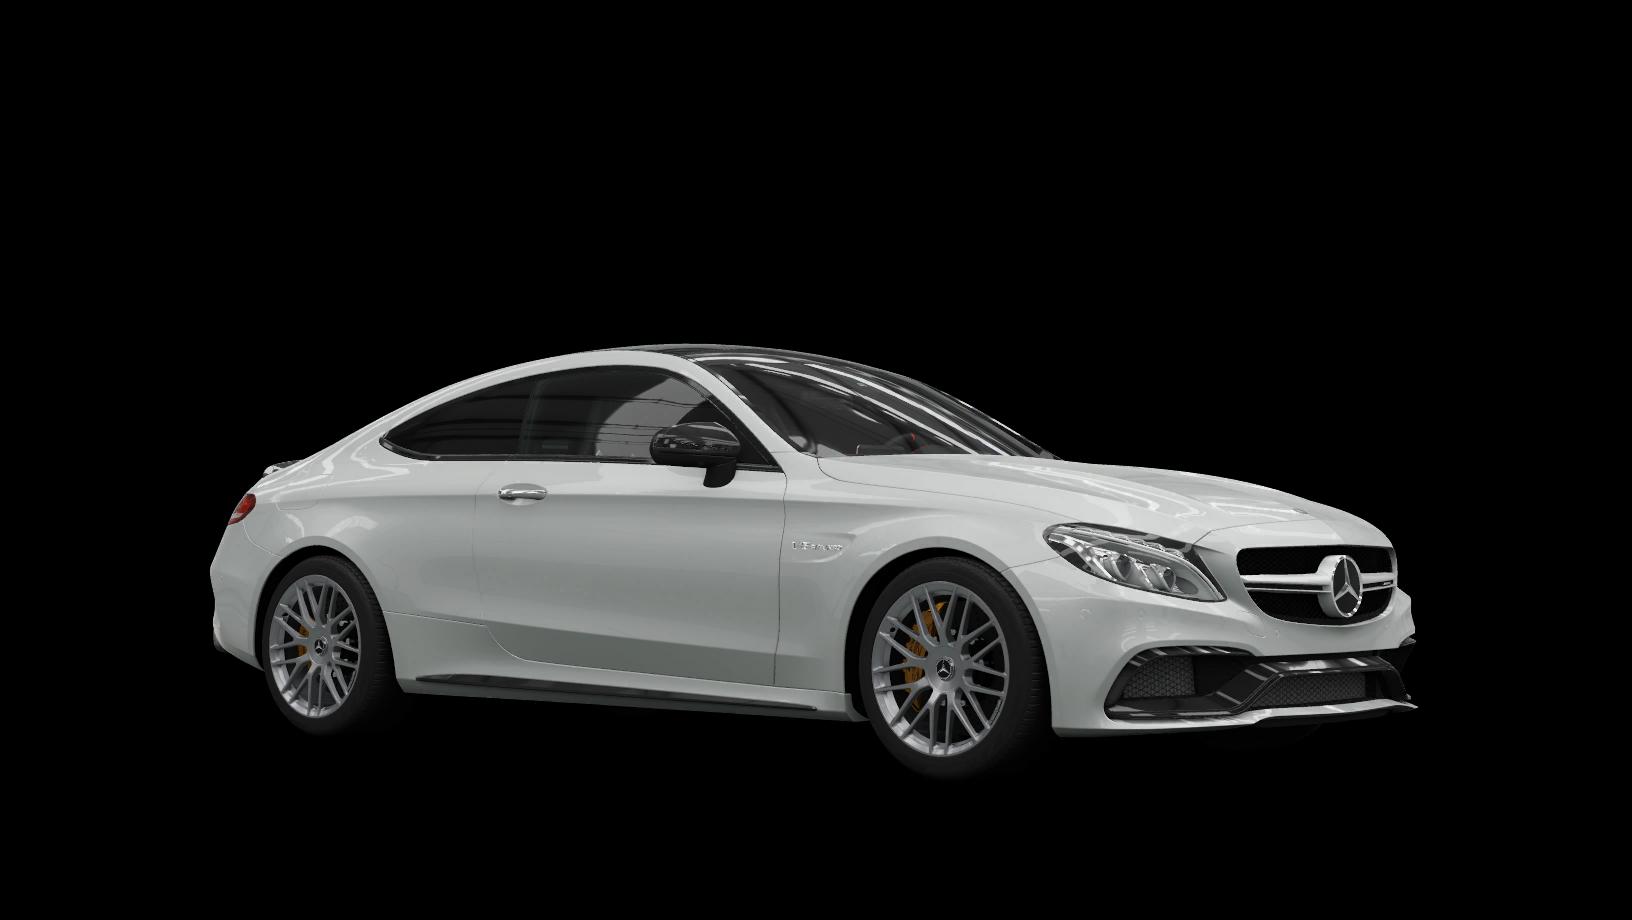 Mercedes-AMG C 63 S Coupé